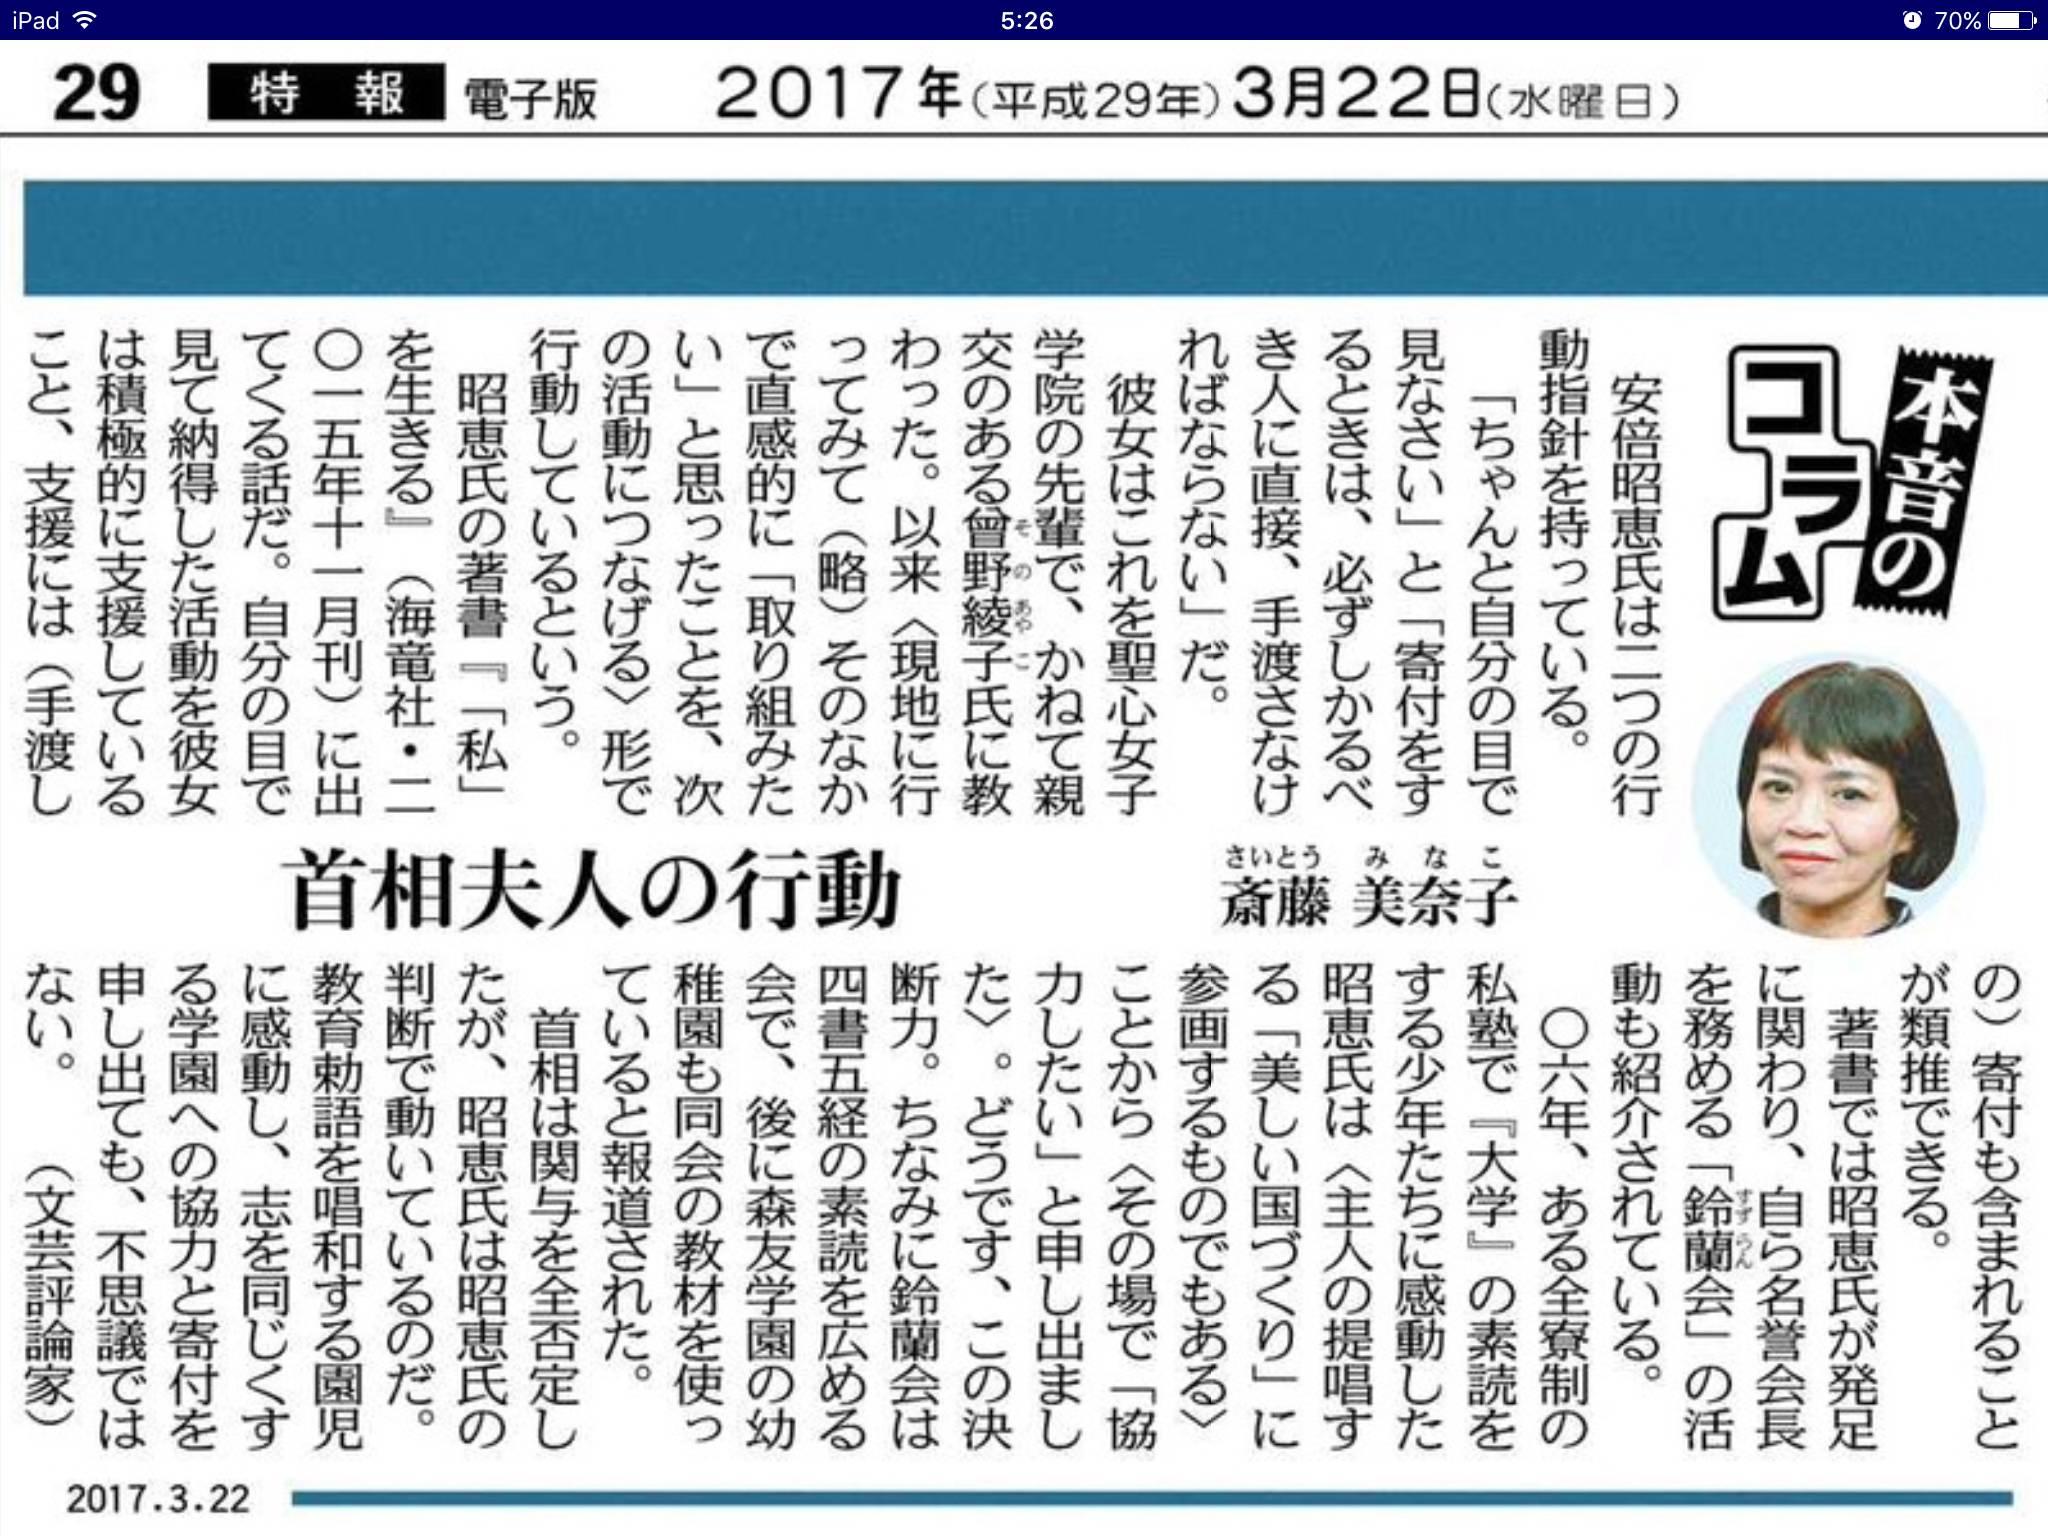 【森友学園】昭恵夫人が講演、ハンカチで涙ぬぐいながら「お騒がせしています」